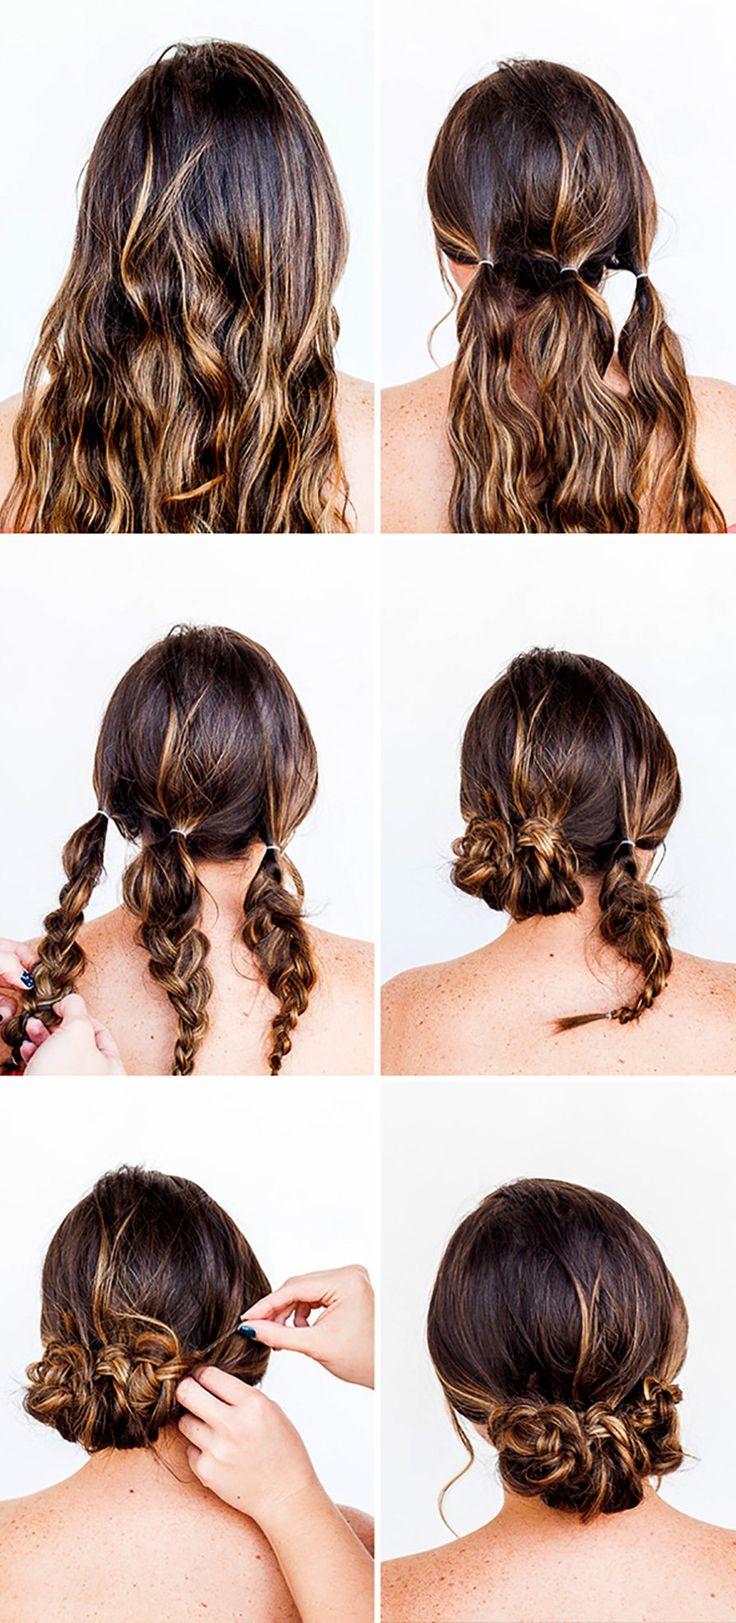 Penteados com tranças simples para se inspirar